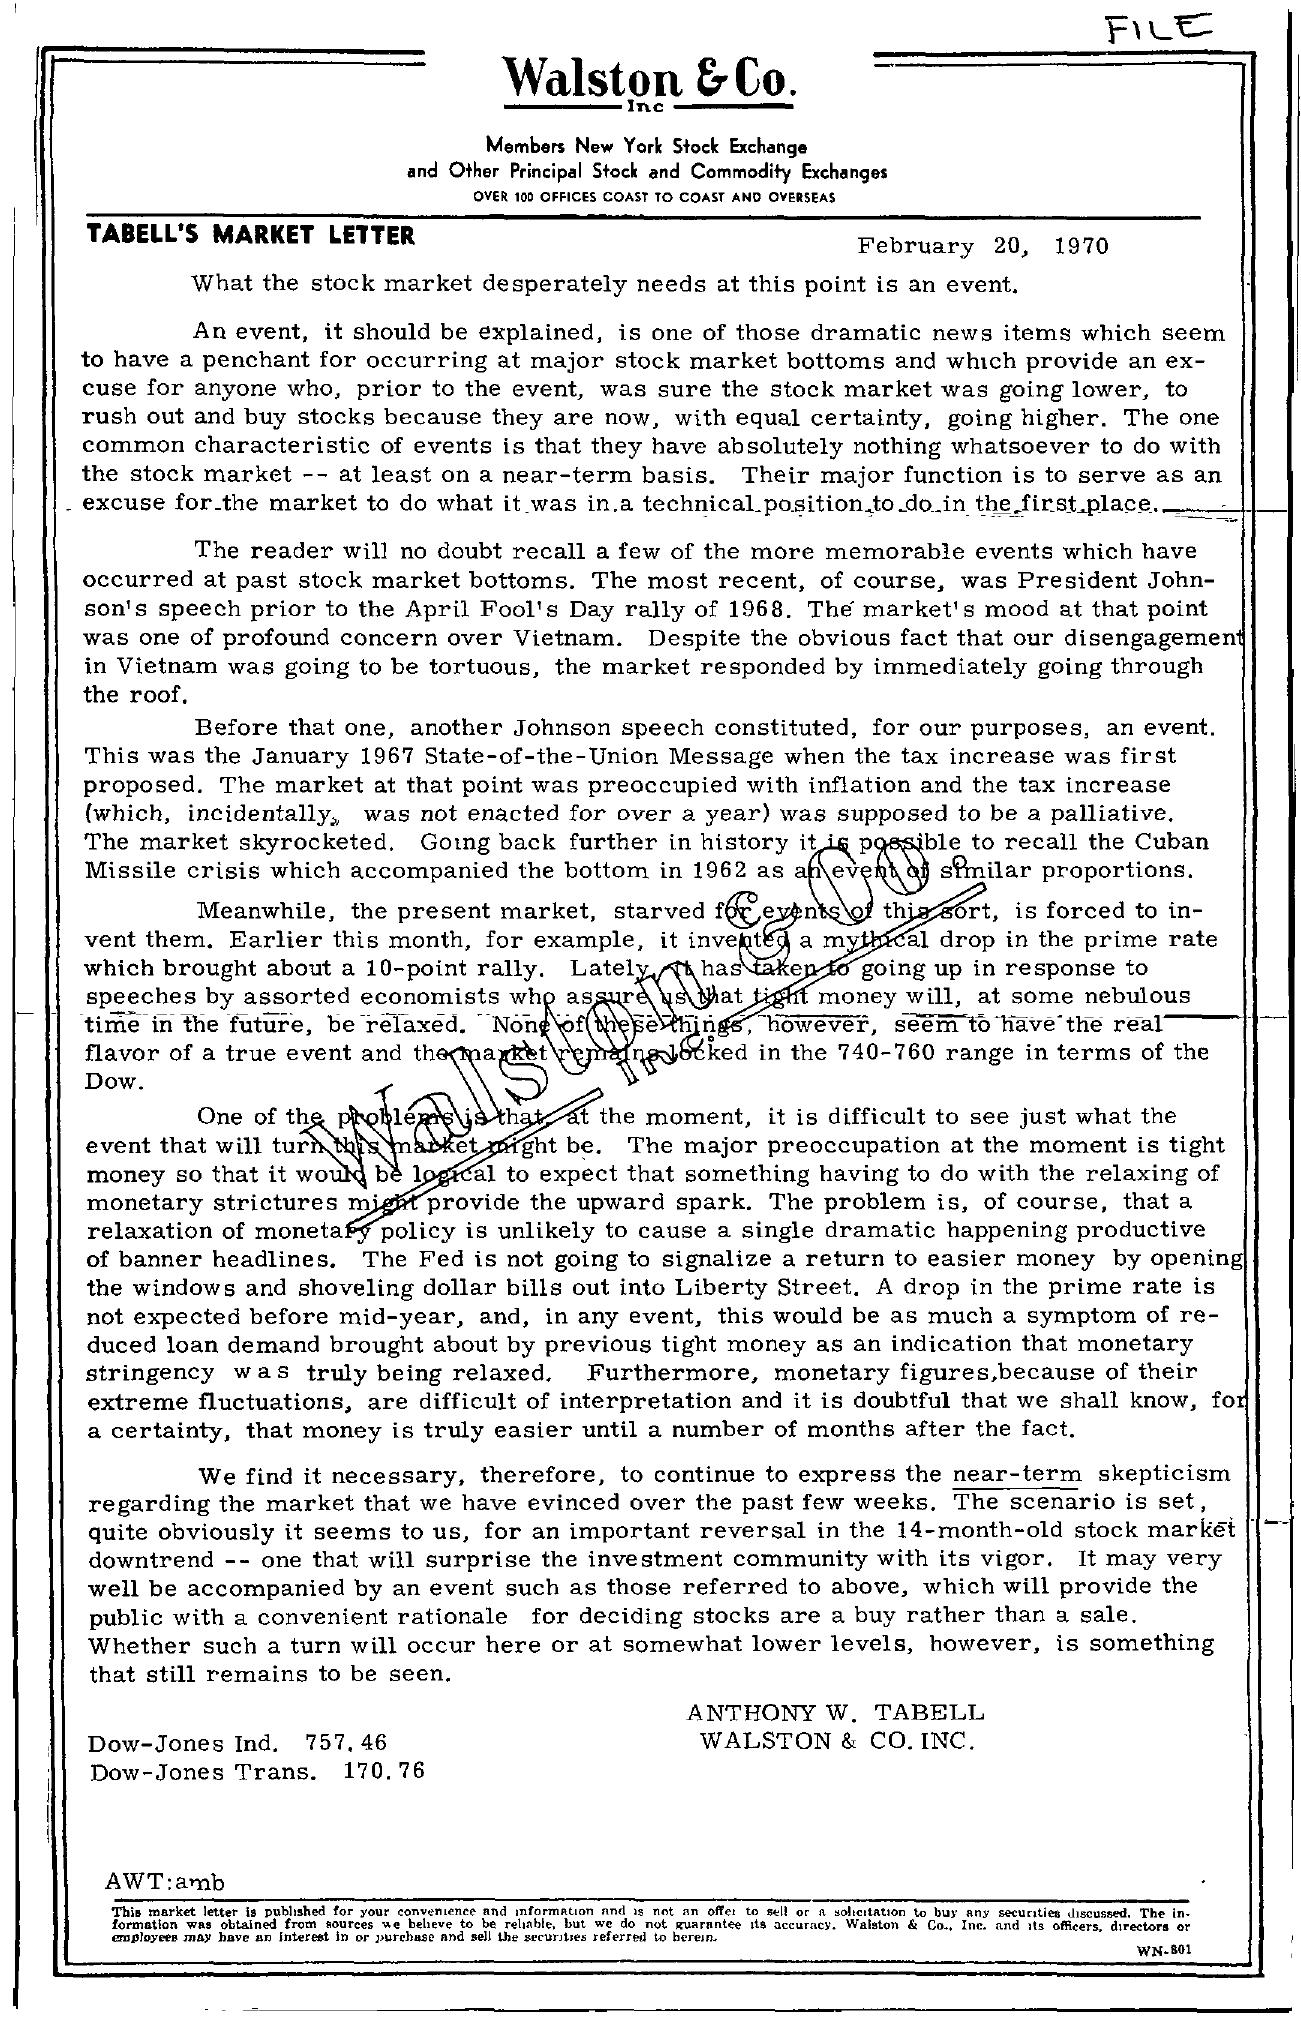 Tabell's Market Letter - February 20, 1970